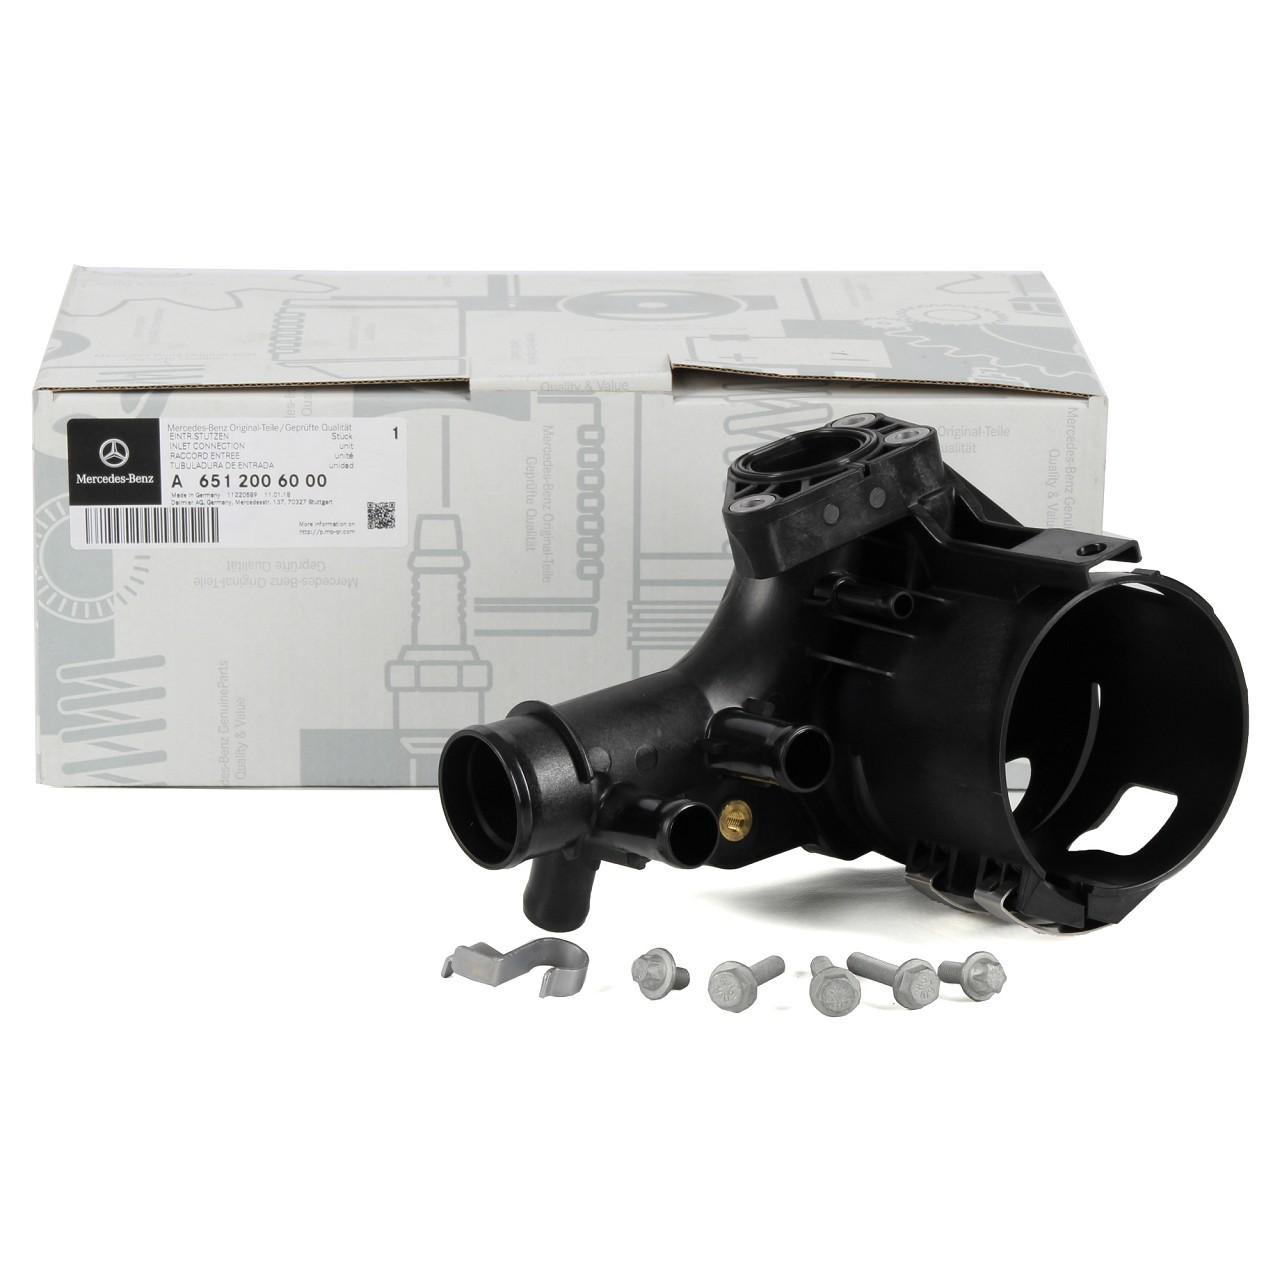 ORIGINAL Mercedes Wasserablaufstutzen Kraftstofffiltergehäuse OM651 6512006000